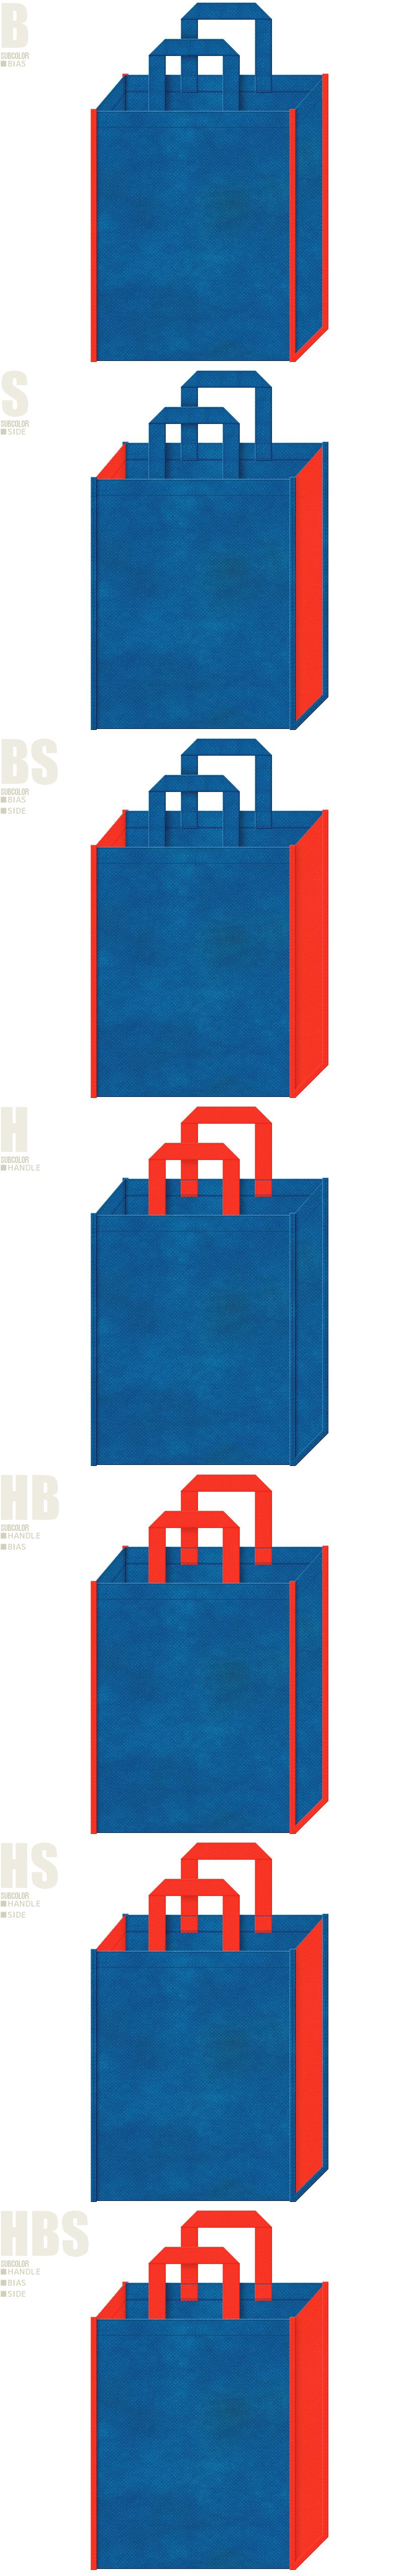 ロボット・ラジコン・プラモデル・ホビーの展示会用バッグにお奨めの不織布バッグデザイン:青色とオレンジ色の不織布バッグ配色7パターン